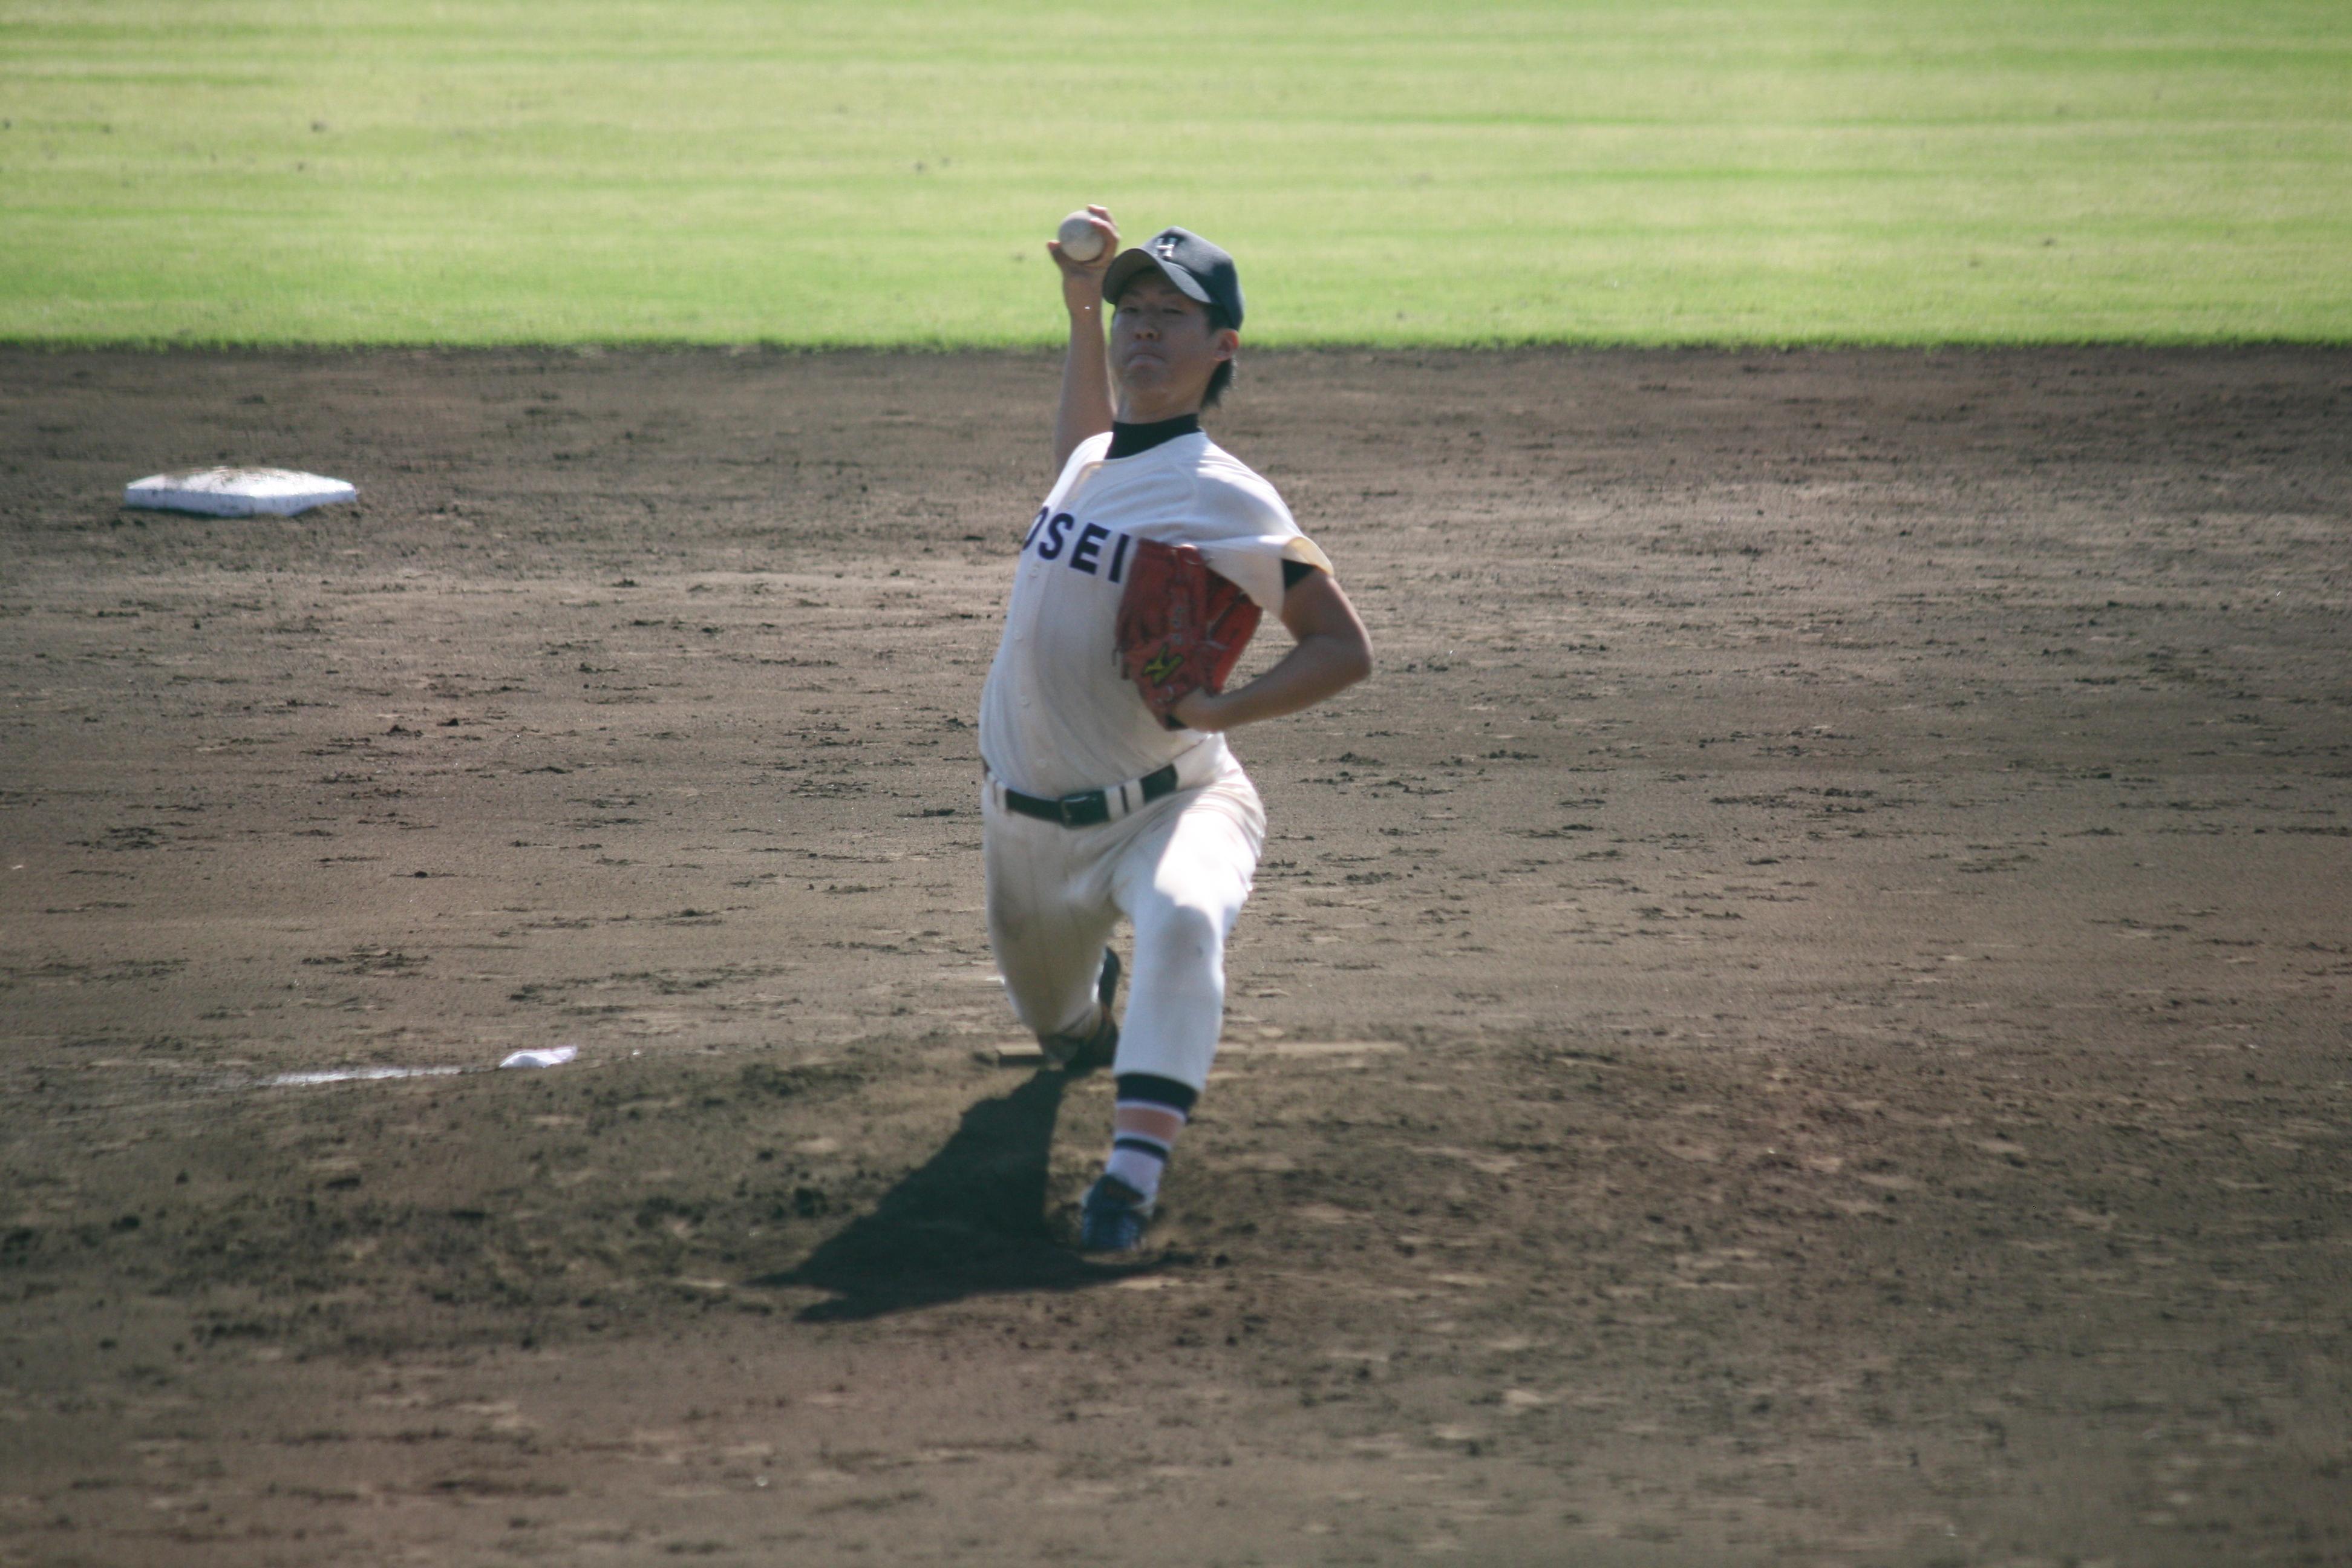 """創立1946年 【全日本準硬式野球連盟、東京六大学準硬式野球リーグ所属】 2006年12月、創部60周年の祝賀会を行ったが、その60年の間、全日本大会6回、東京六大学リーグ戦42回の優勝を勝ち取り、法政大学準硬式野球の地位を知らしめている。 当部は文武の精神を重んじ、日頃の精進をしている。野球のみならず、社会人と成った時にこそ通用する人材を願っている。 学生諸君の中で野球をやりたい方、知らずとも自分の力を試したい方は入部を待つ。""""ますます強くなる準硬式野球部を応援してください""""  なお、準硬式野球部の情報"""